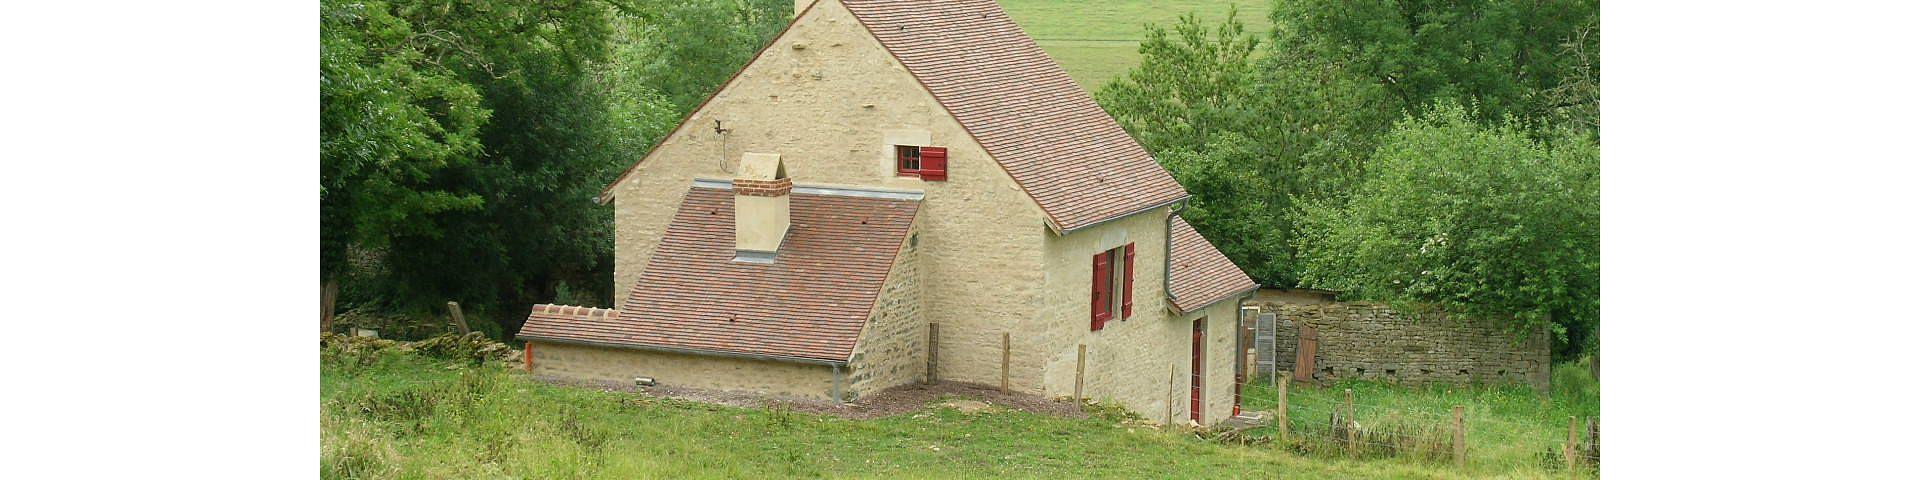 Chaudenay-le-Chateau - Maison (21)